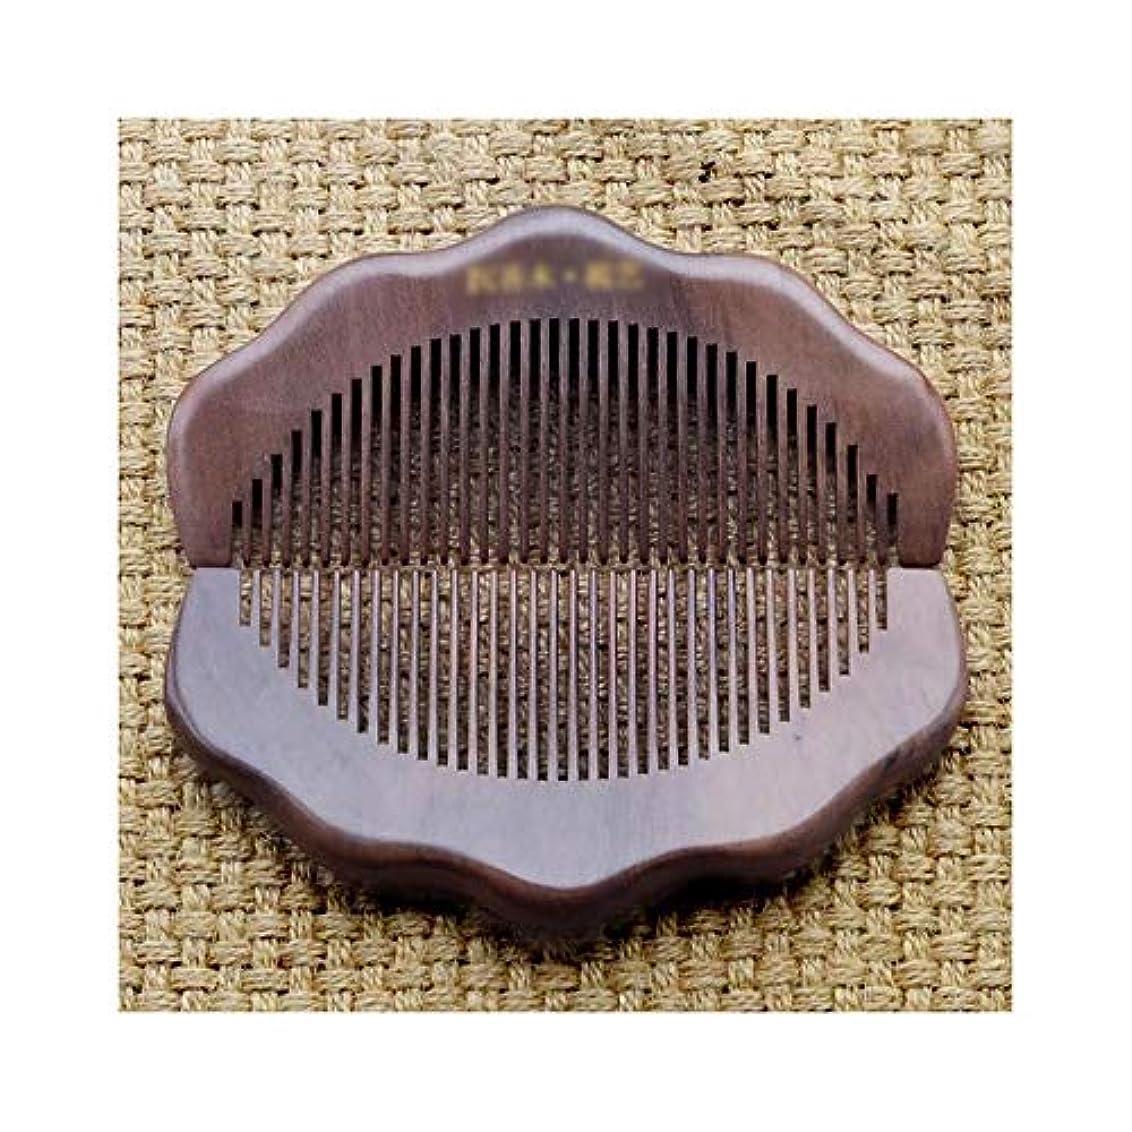 ドナウ川証明獣罰金と口ひげ、ひげと髪のアンチスタティックくしミディアム歯とFashianトラベルサイズの木製くし ヘアケア